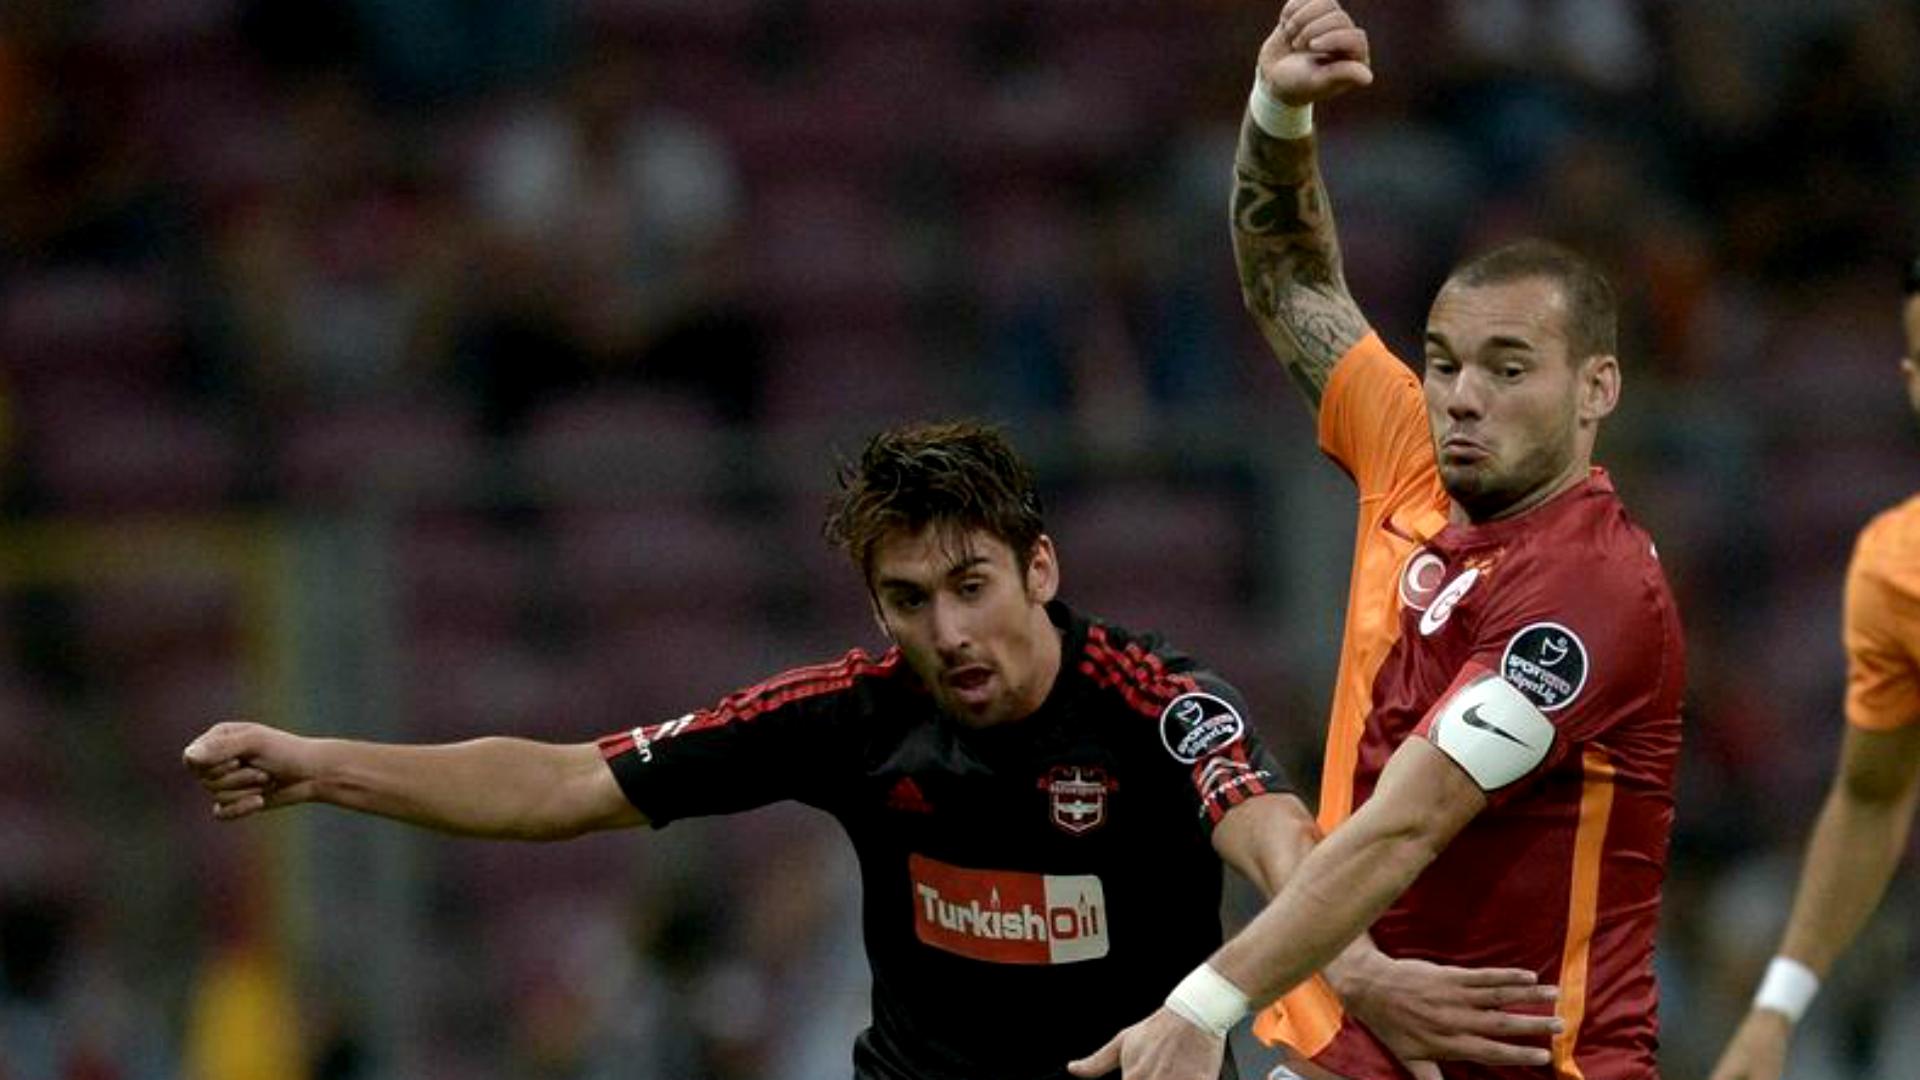 Galatasaray Gaziantepspor Orkan Cinar Wesley Sneijder